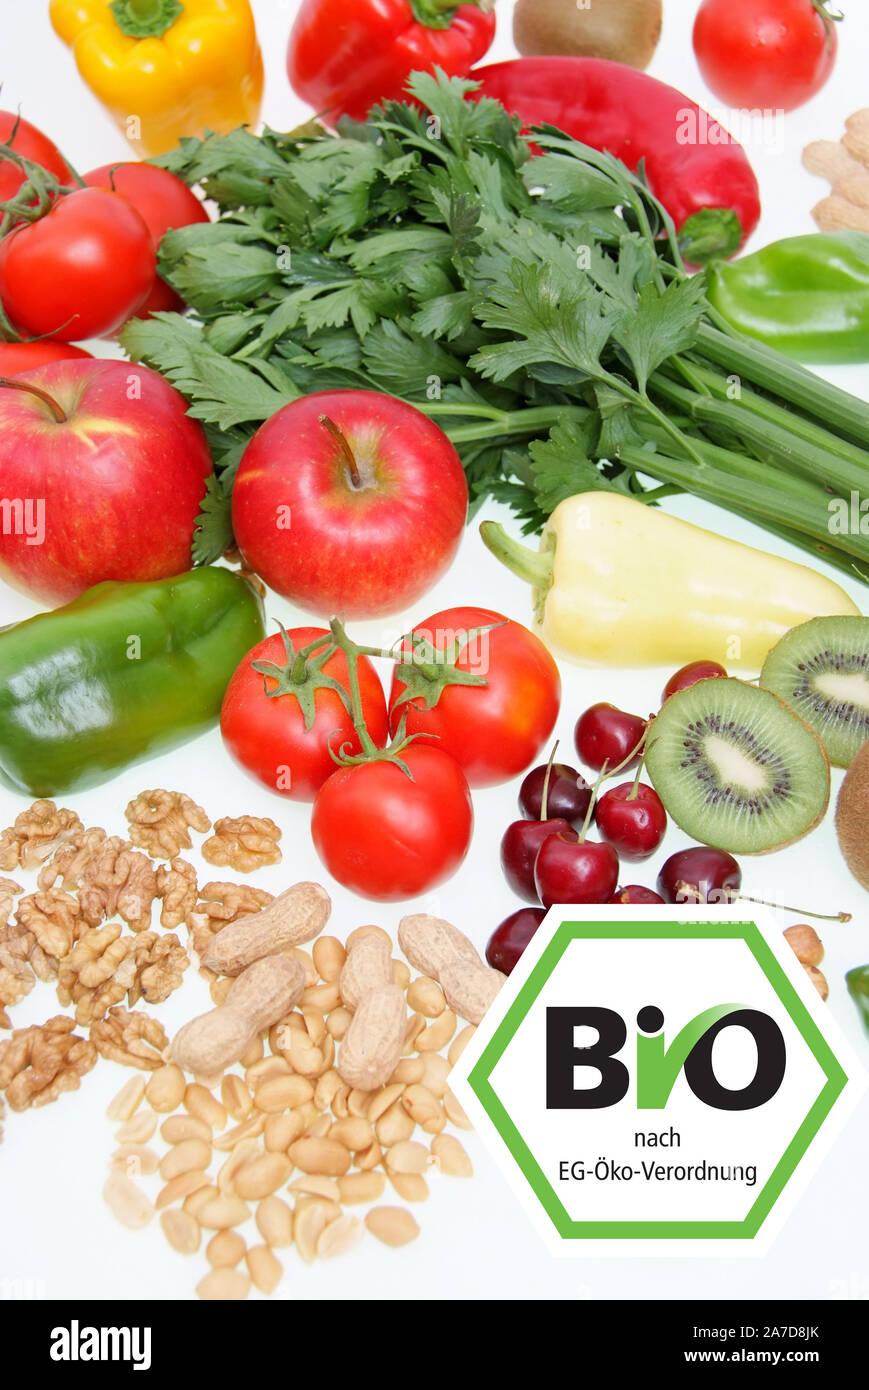 Symbolfoto gesunde Ernährung, Obst, Gemüse, Nüsse, Kirschen, Erdnüsse, Paproka, Tomaten, Rettich, Walnüsse, Kiwi, Apfel, Bio, Biosiegel, Stock Photo